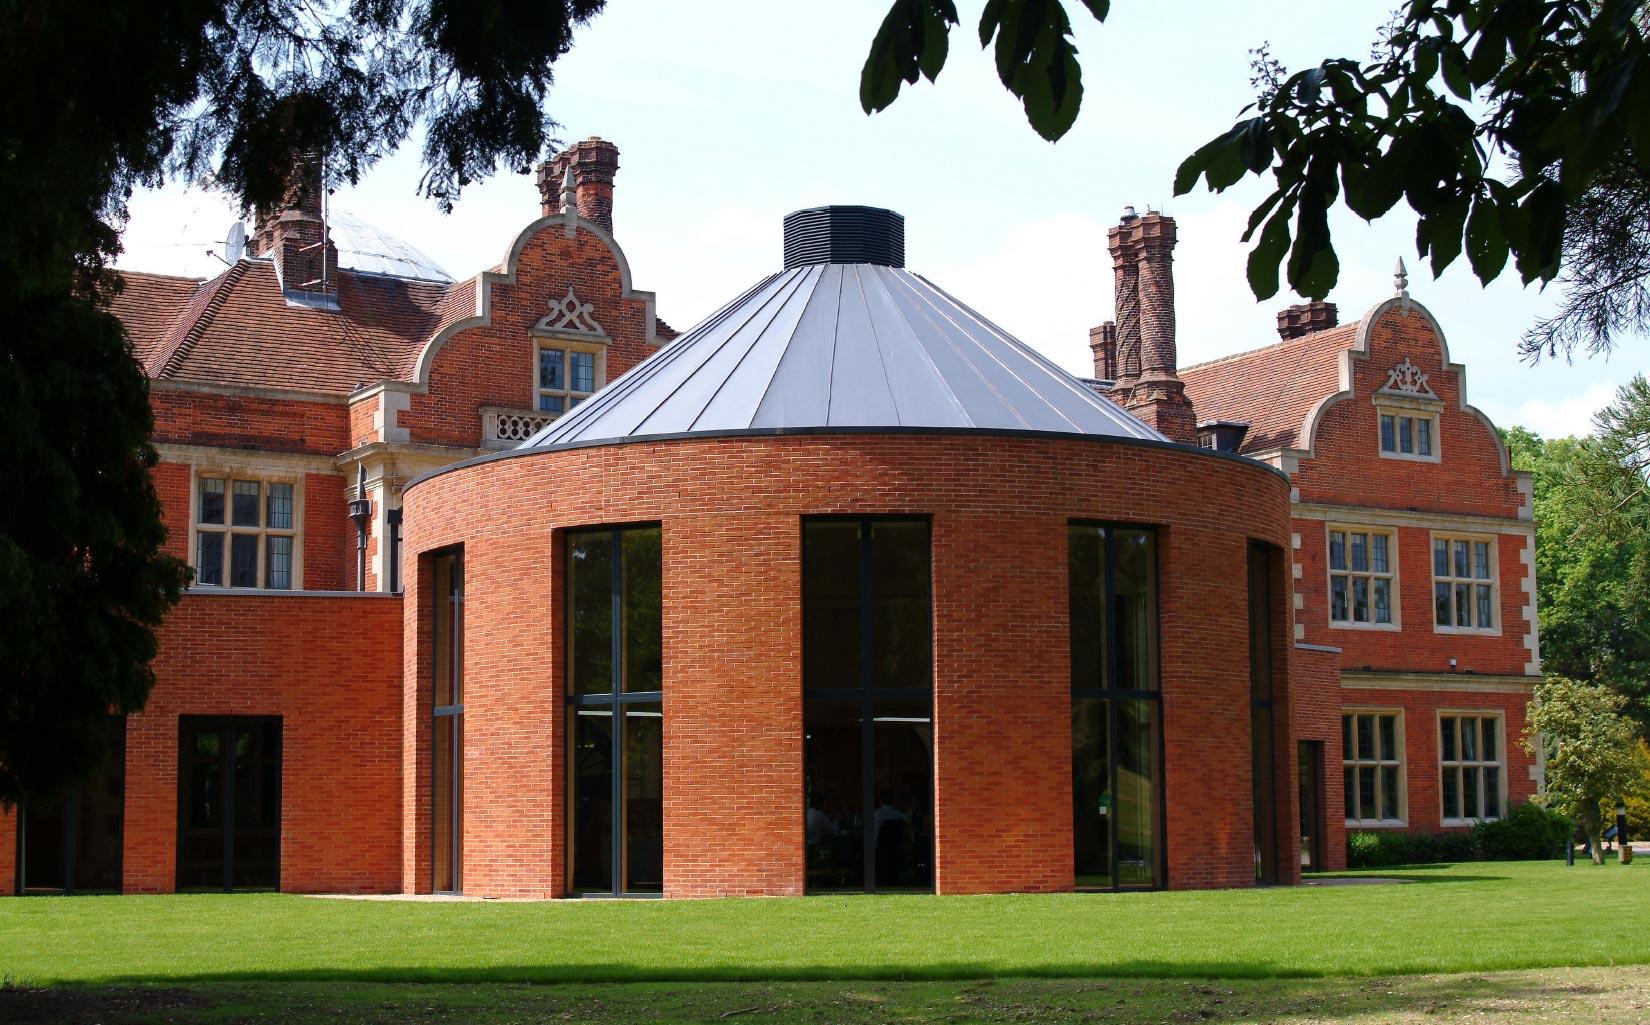 Savill Court, Windsor, Extension